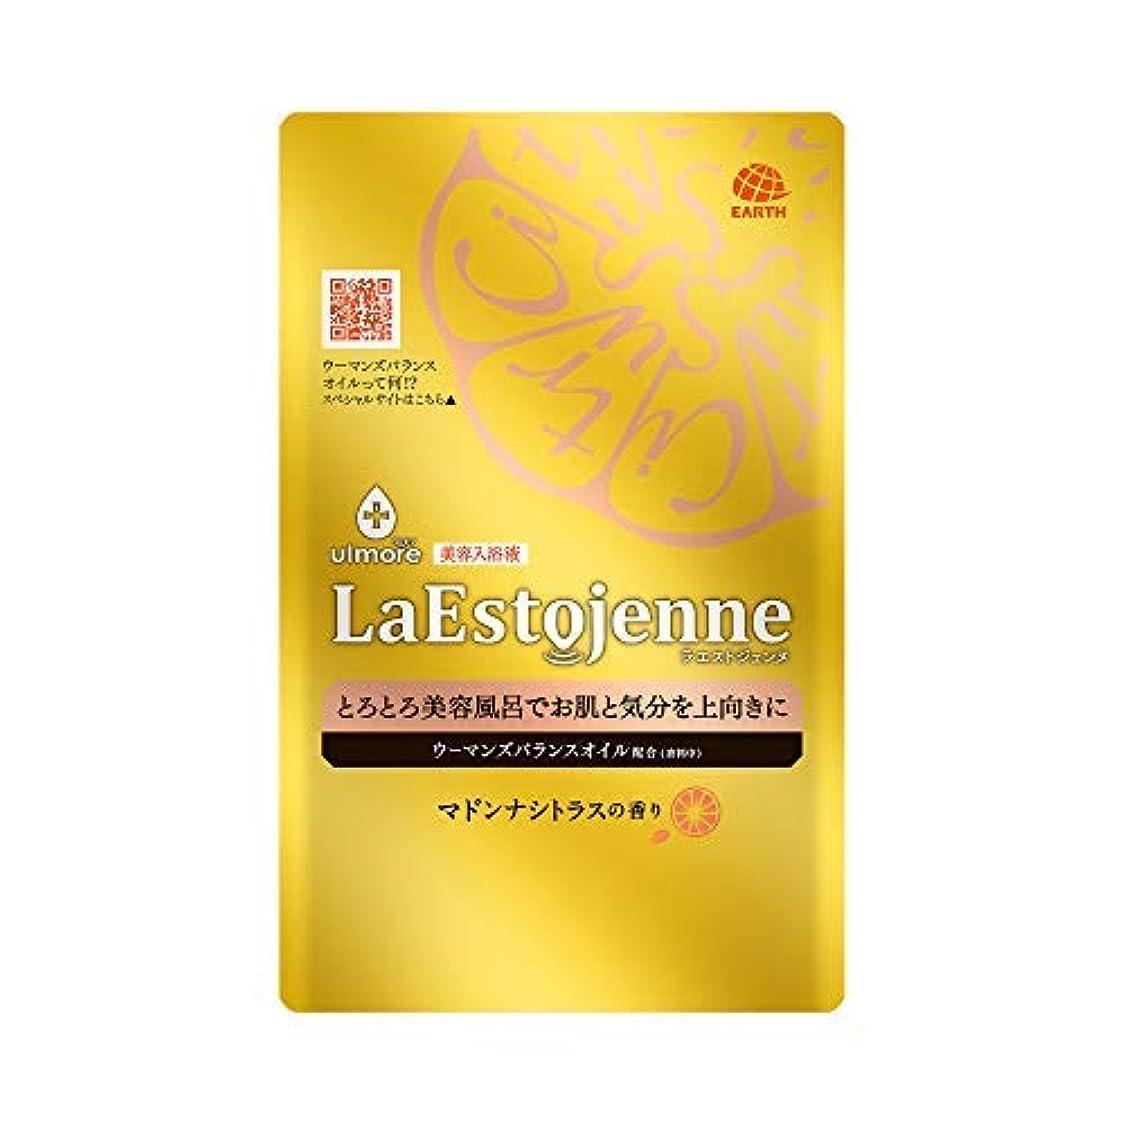 モーター非アクティブ語ウルモア ラエストジェンヌ マドンナシトラスの香り 1包 × 12個セット